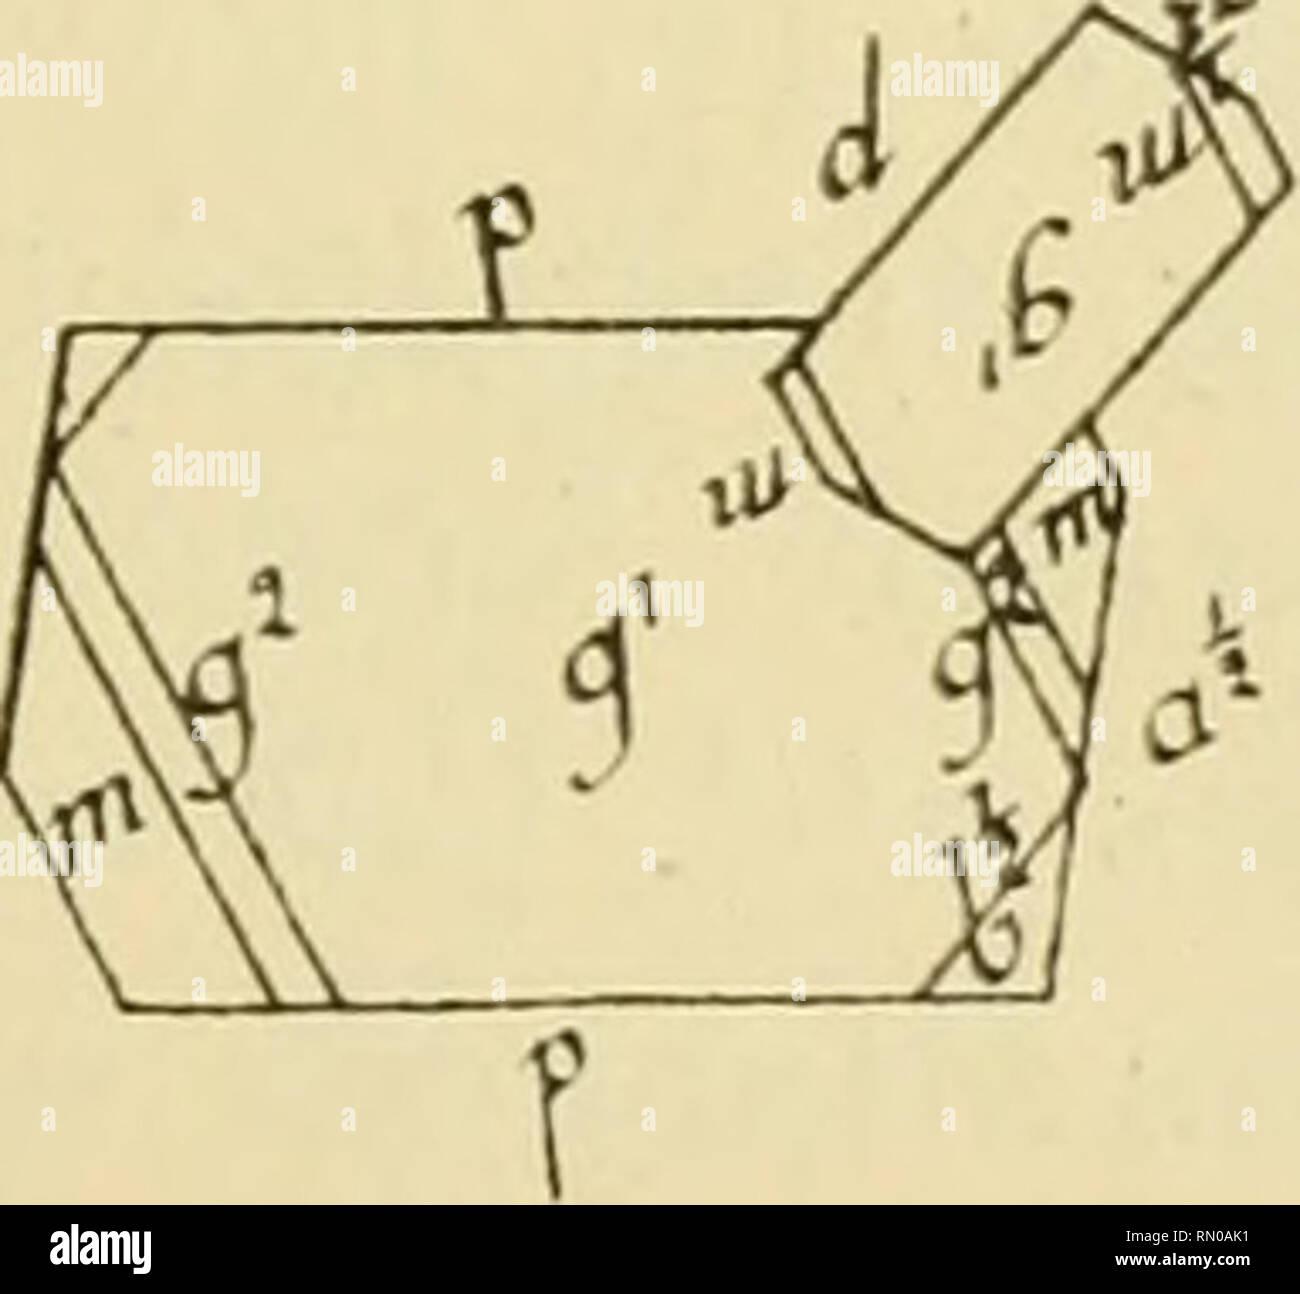 """. Annales de la Station limnologique de Besse. Natural history; Natural history. G. N. Macle en V. -- (Fig. 7). Il existe dans la macle de Carlsbad une autre particularité. Deux cristaux allongés suivant p g1, et # ordinairement de grandeurs diffé- rentes, se groupent en forme de V, les faces gx et gr. ne coïncidant. d'ailleurs pas. Macle de Carlsbad multiple. - Il Fl£- """"1 arrive quelquefois que trois individus forment une macle de Carlsbad à plusieurs compo-. Please note that these images are extracted from scanned page images that may have been digitally enhanced for readability - color Stock Photo"""